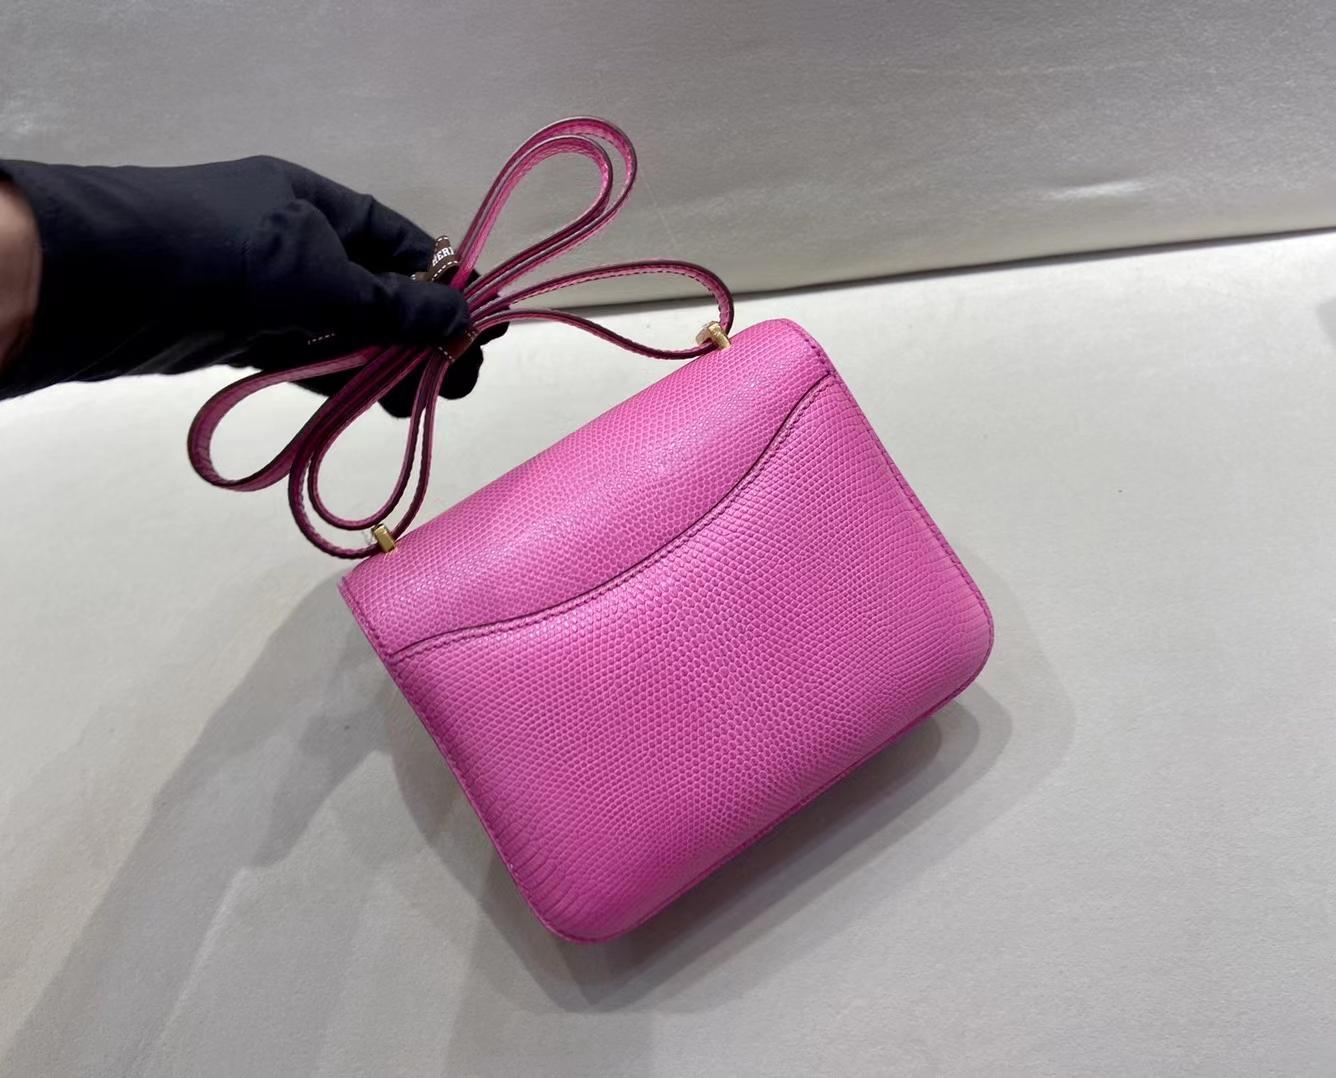 Hermès(爱马仕)Constance 19cm 金扣 蜥蜴 玉兰花粉 顶级纯手工